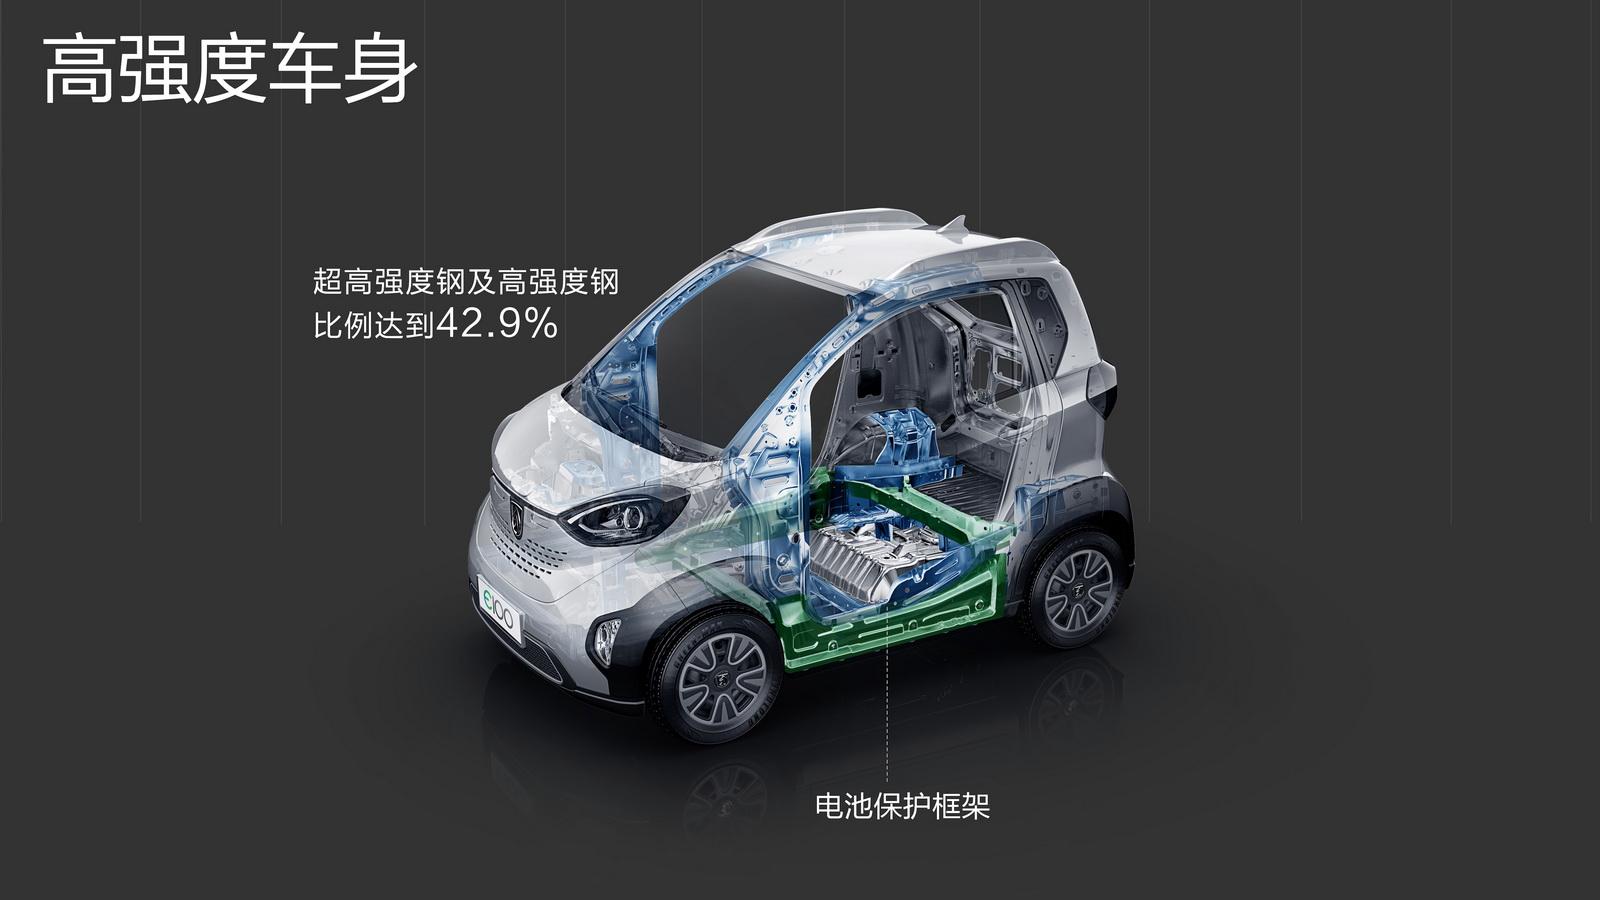 2017-baojun-e100-gm-24